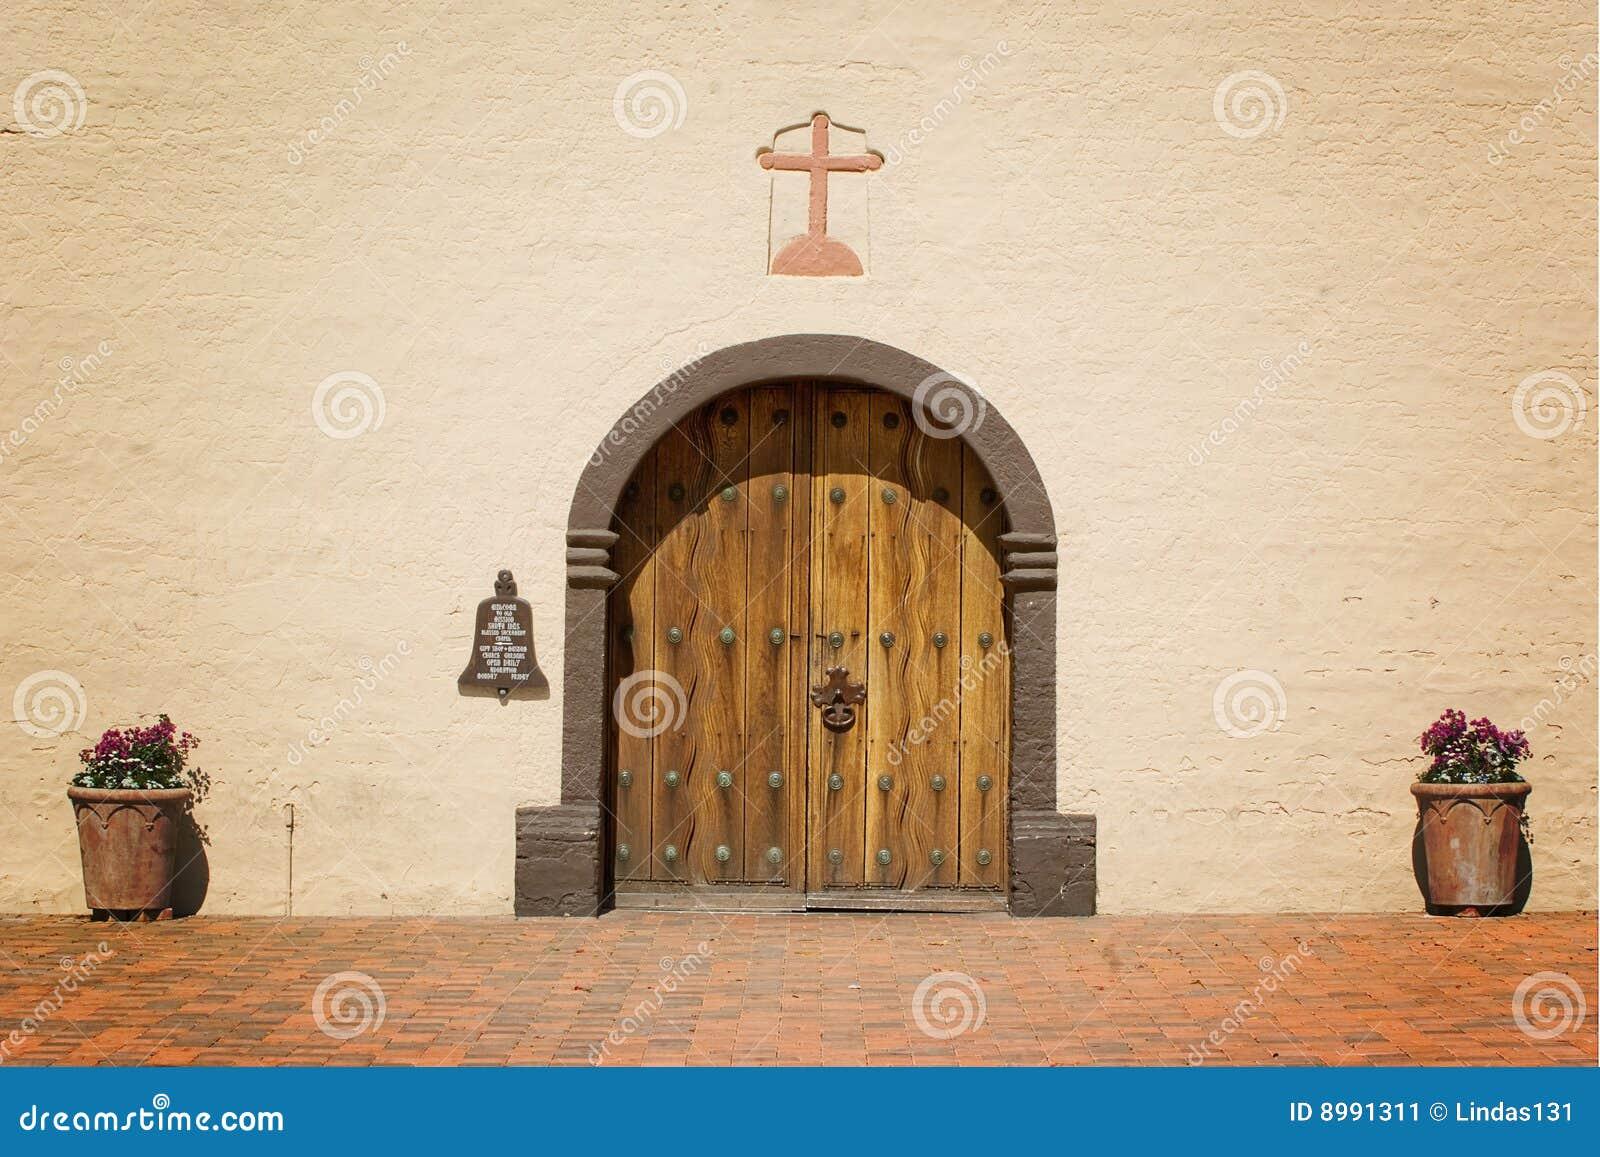 Doors Mission Santa Ynez & Doors Mission Santa Ynez stock image. Image of yanez spanish - 8991311